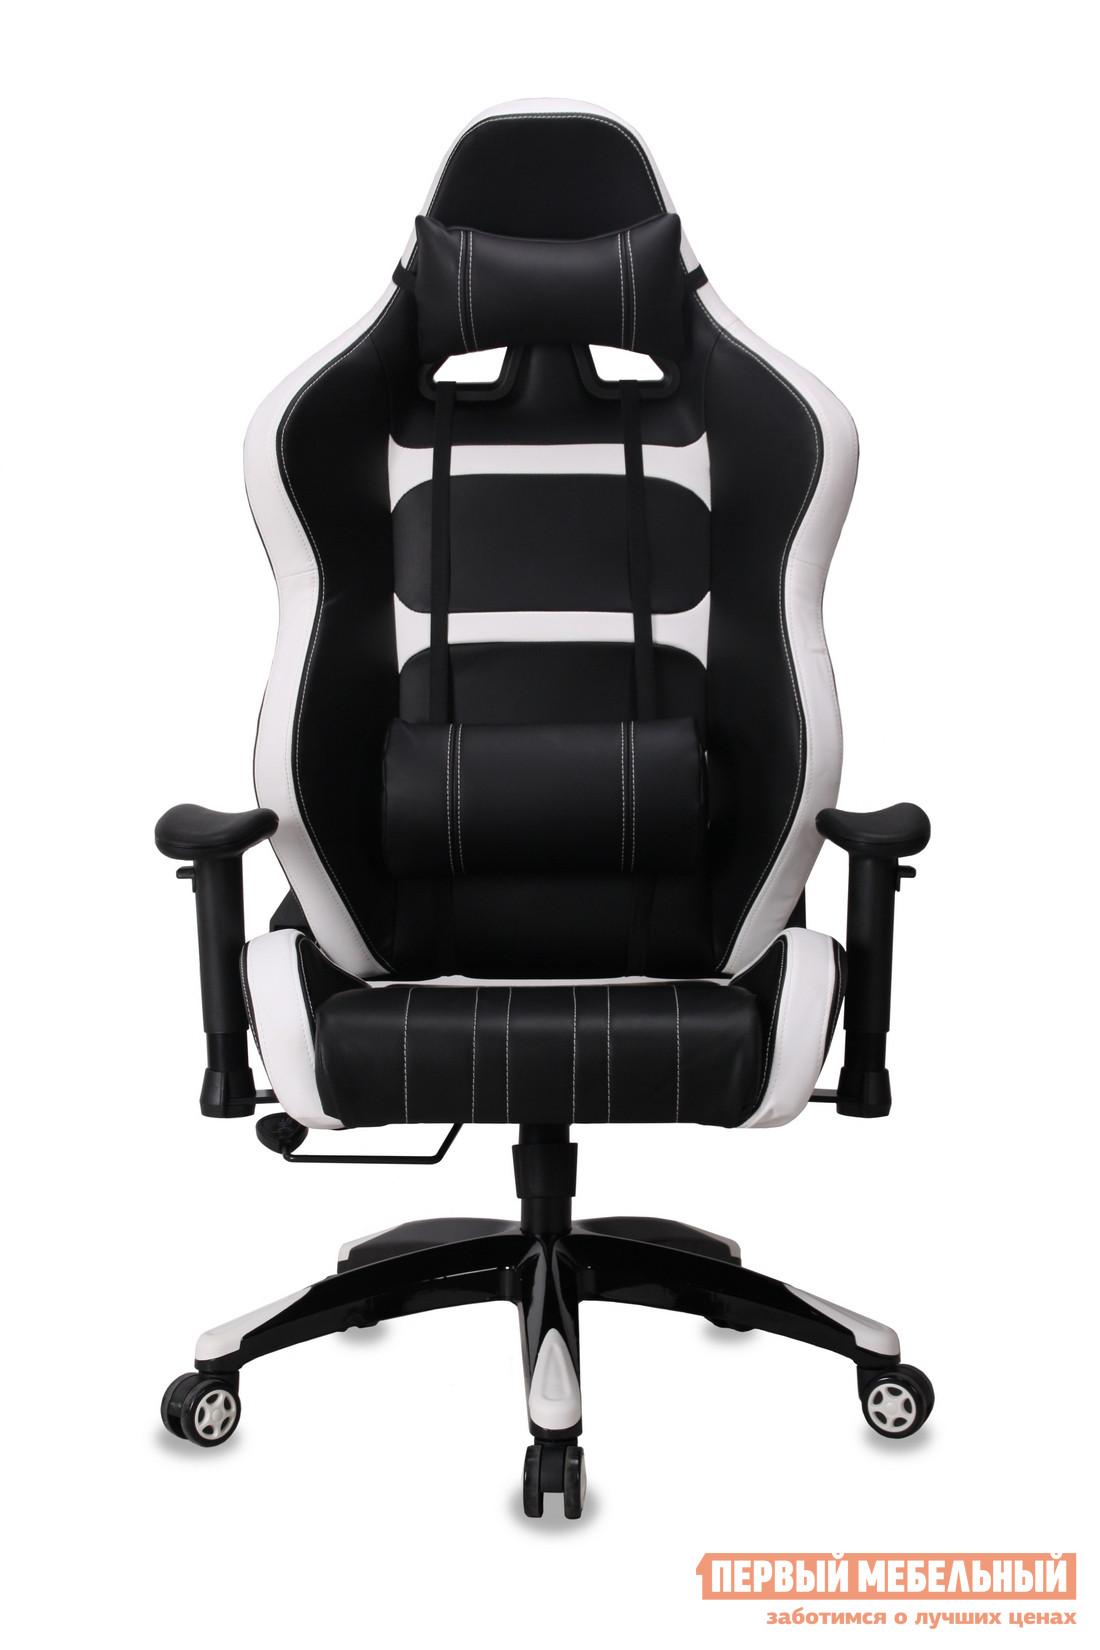 Компьютерное кресло Бюрократ CH-772 Иск. кожа черная / Вставки белый